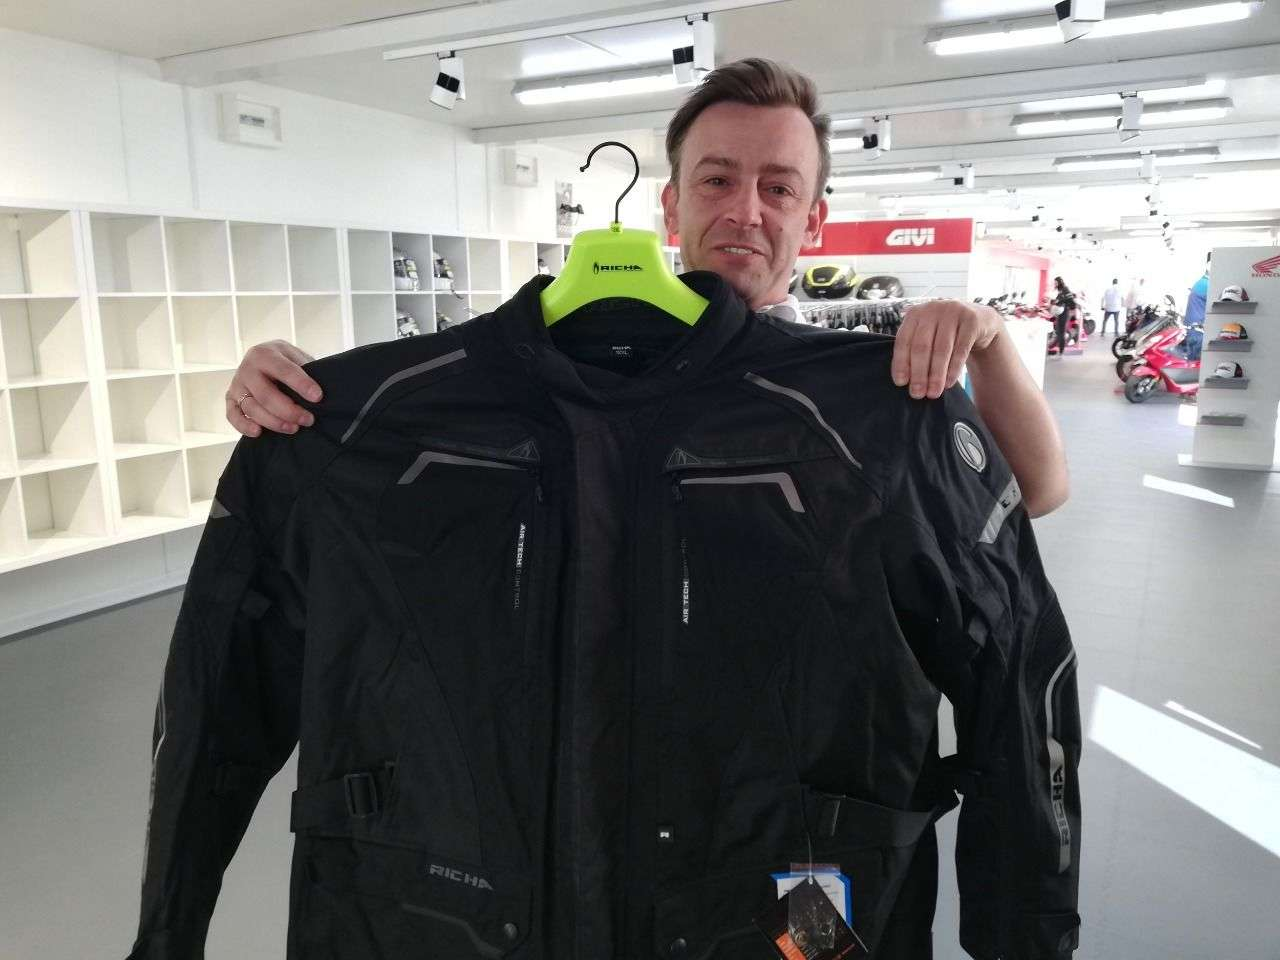 Mario Gretzel von Importeur Xajo stellte die Bekleidungskollektion der Marke Richa vor, die - wie im Bild - sogar Jacken in 14XL herstellt.